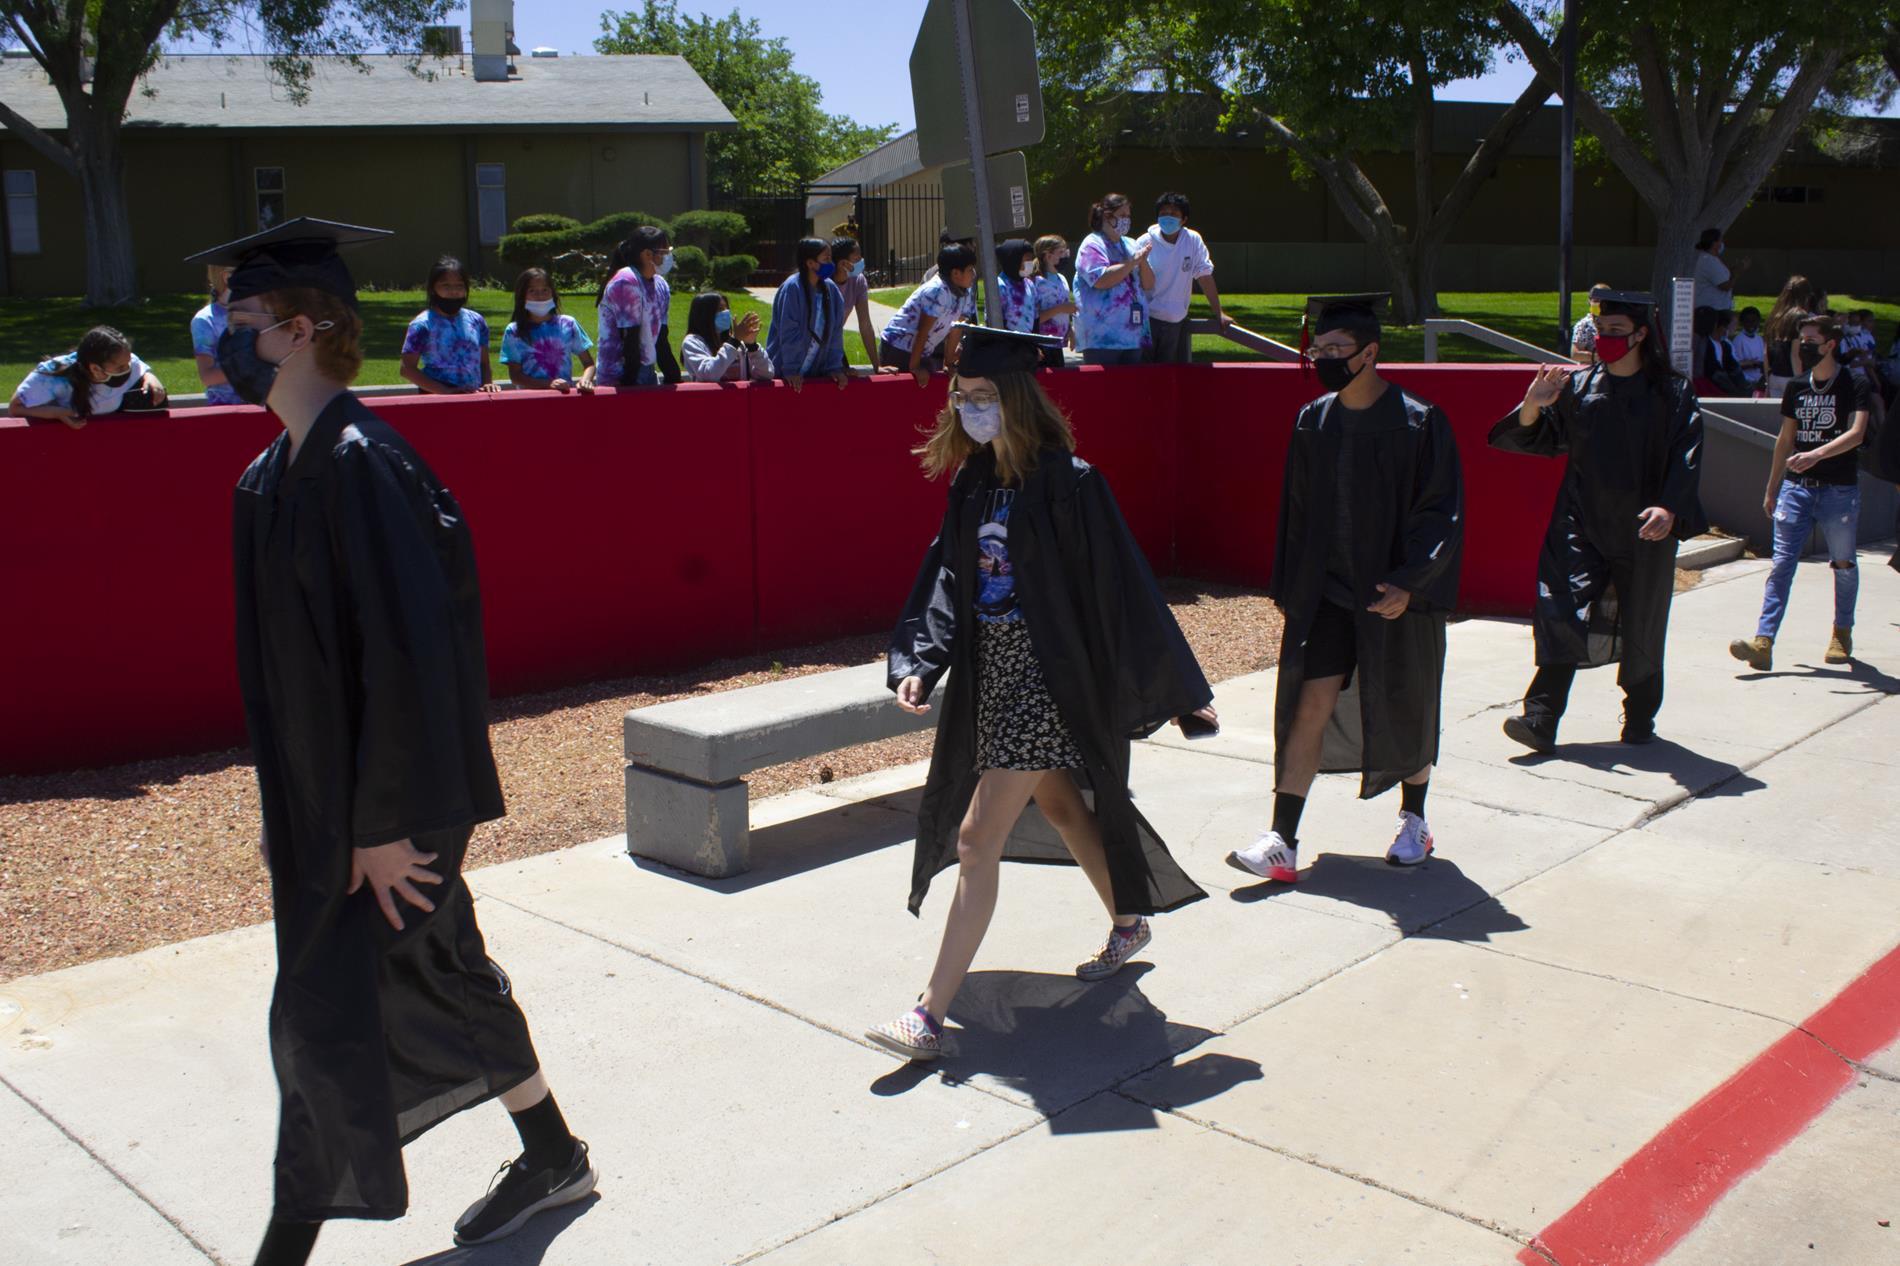 2021 grads doing grad walk in front of Desert View students